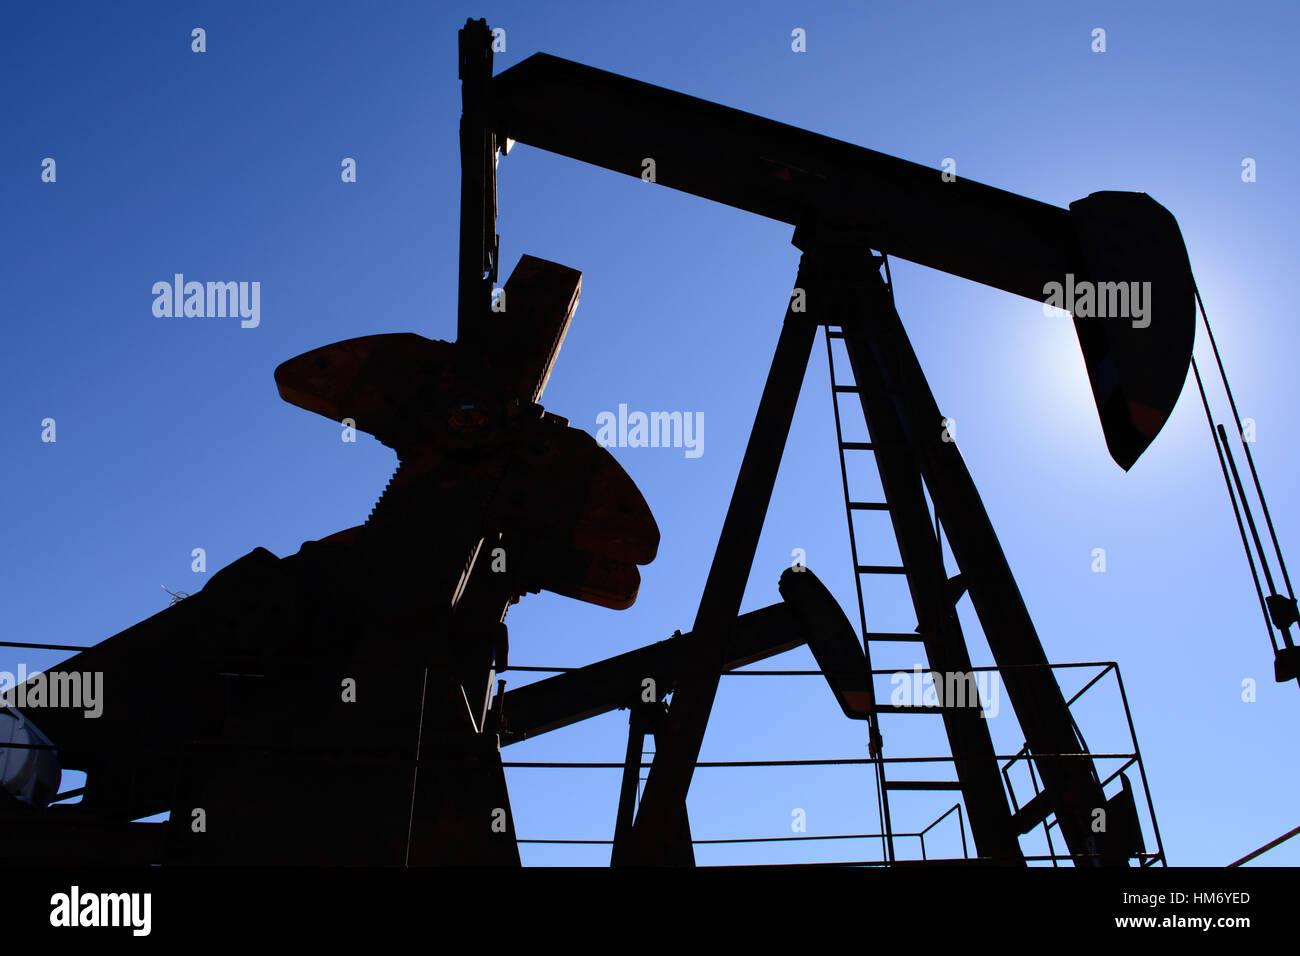 Pumpjack Oilfield, rouillé et vieux, silhouetté par le soleil. Fond de Ciel bleu clair. La vie illustre Photo Stock